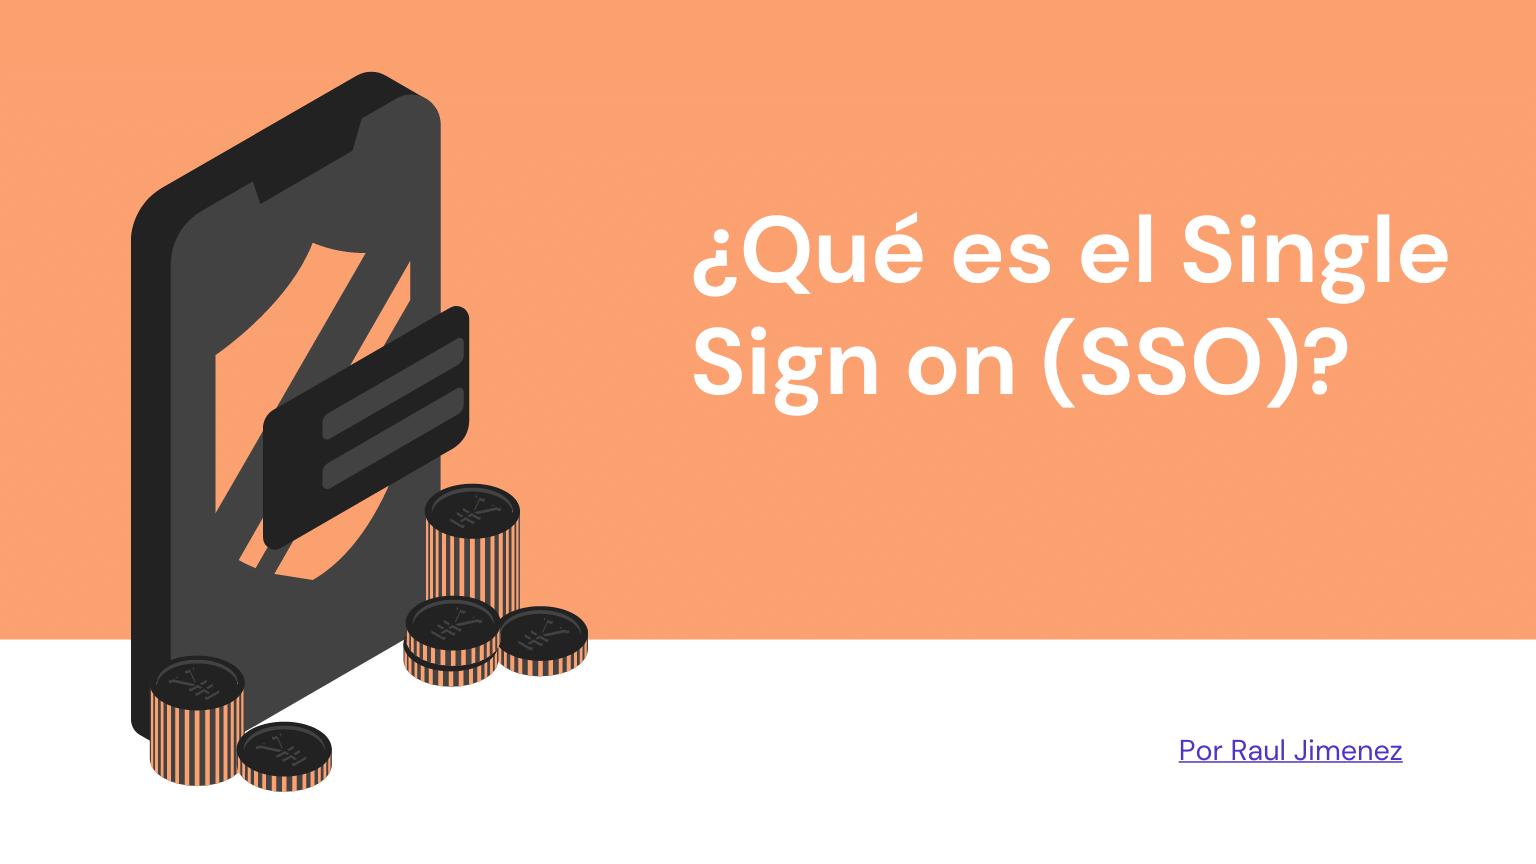 ¿Qué es el Single Sign on (SSO)?